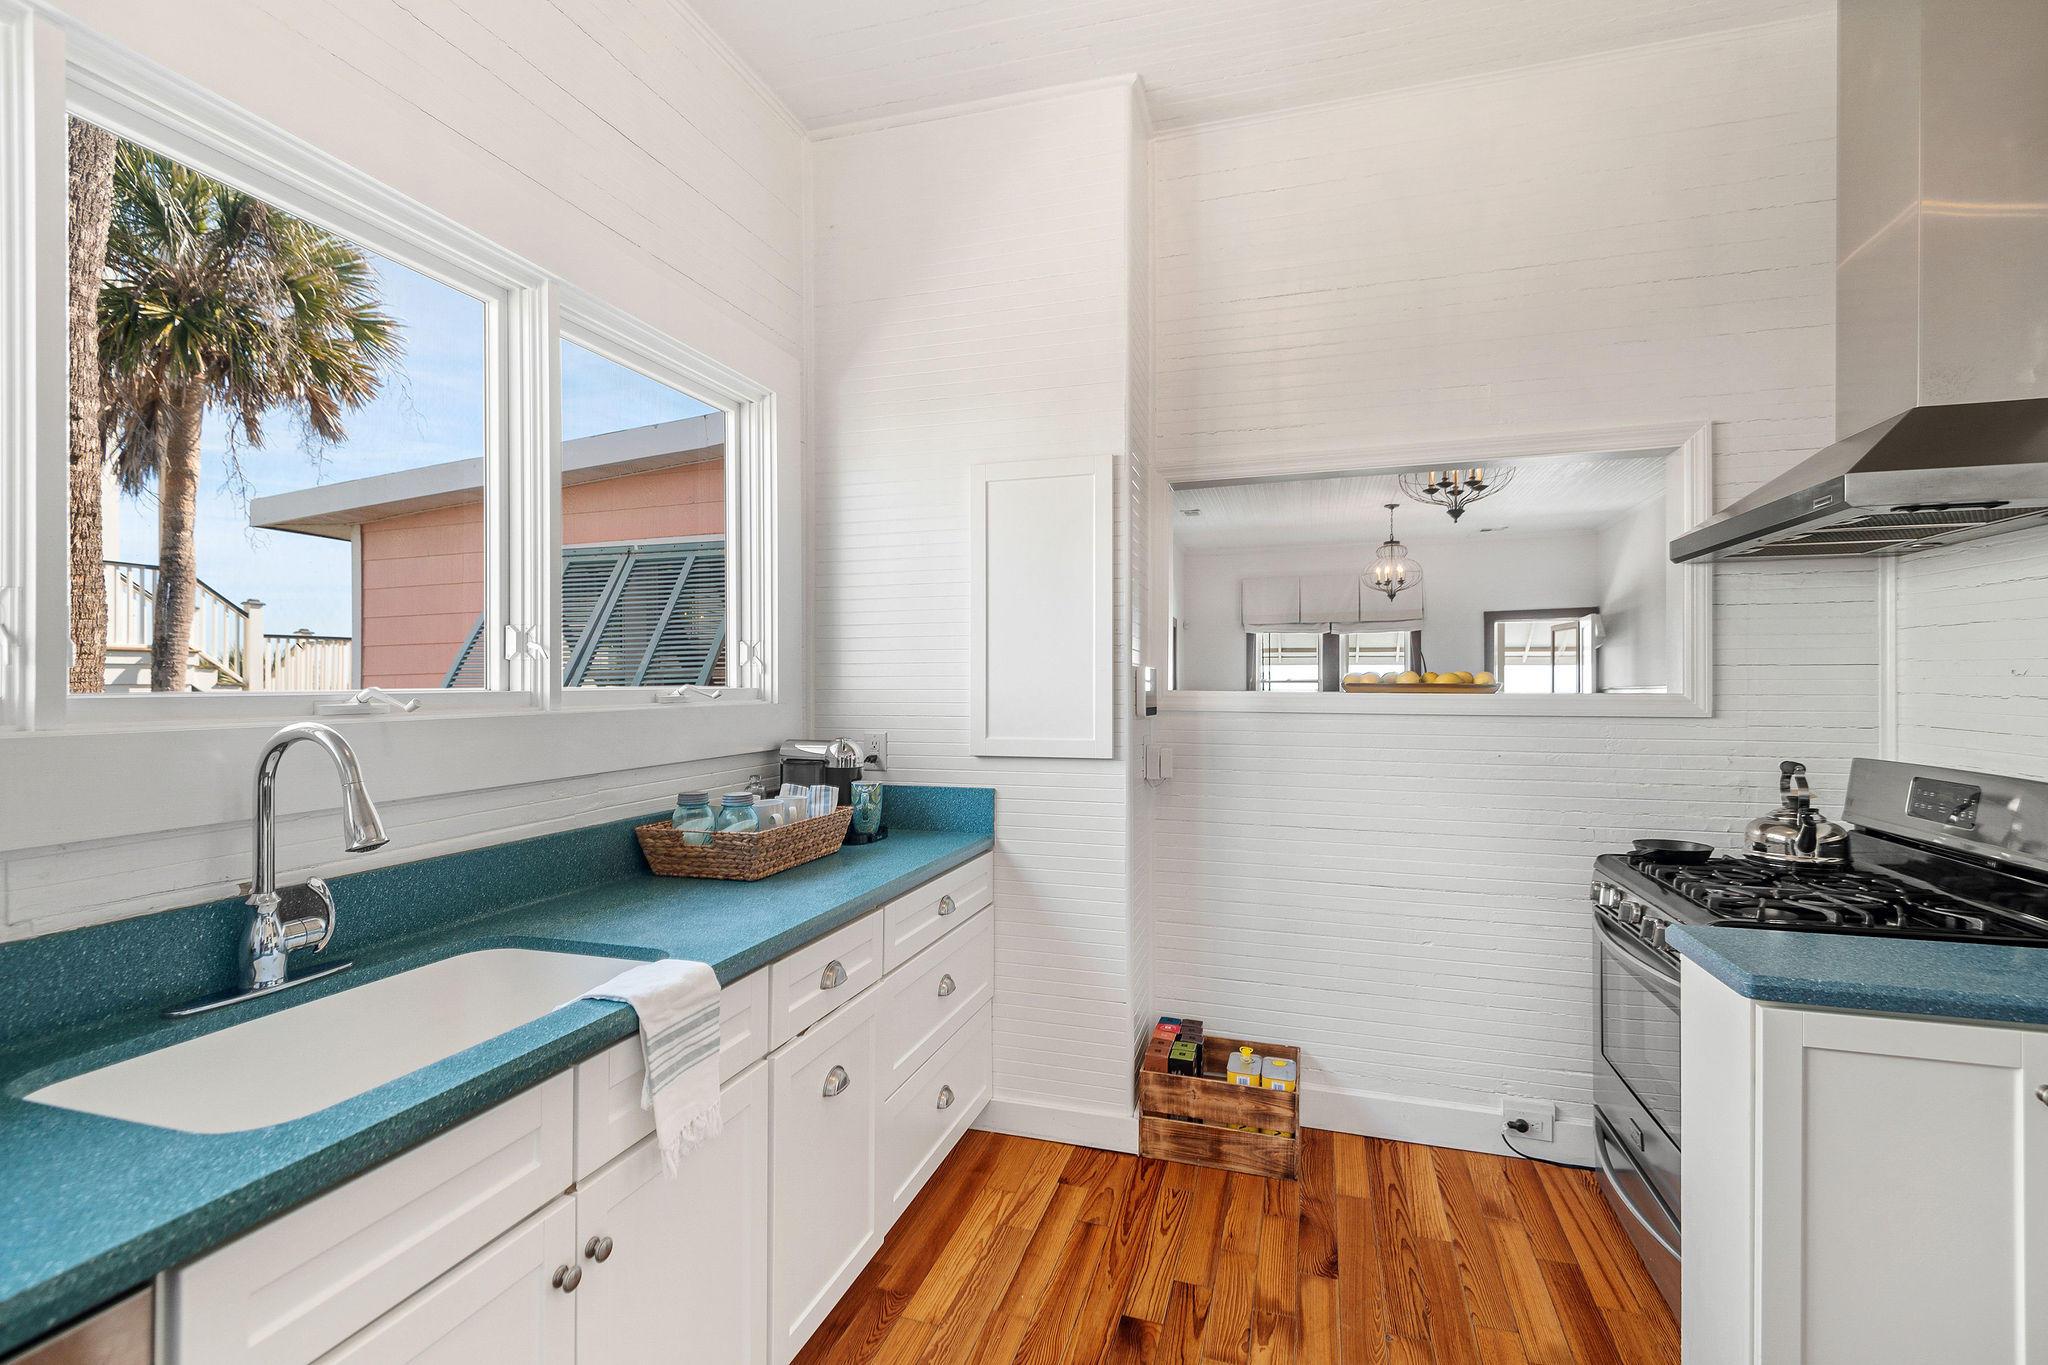 Folly Beach Homes For Sale - 509 Ashley, Folly Beach, SC - 24